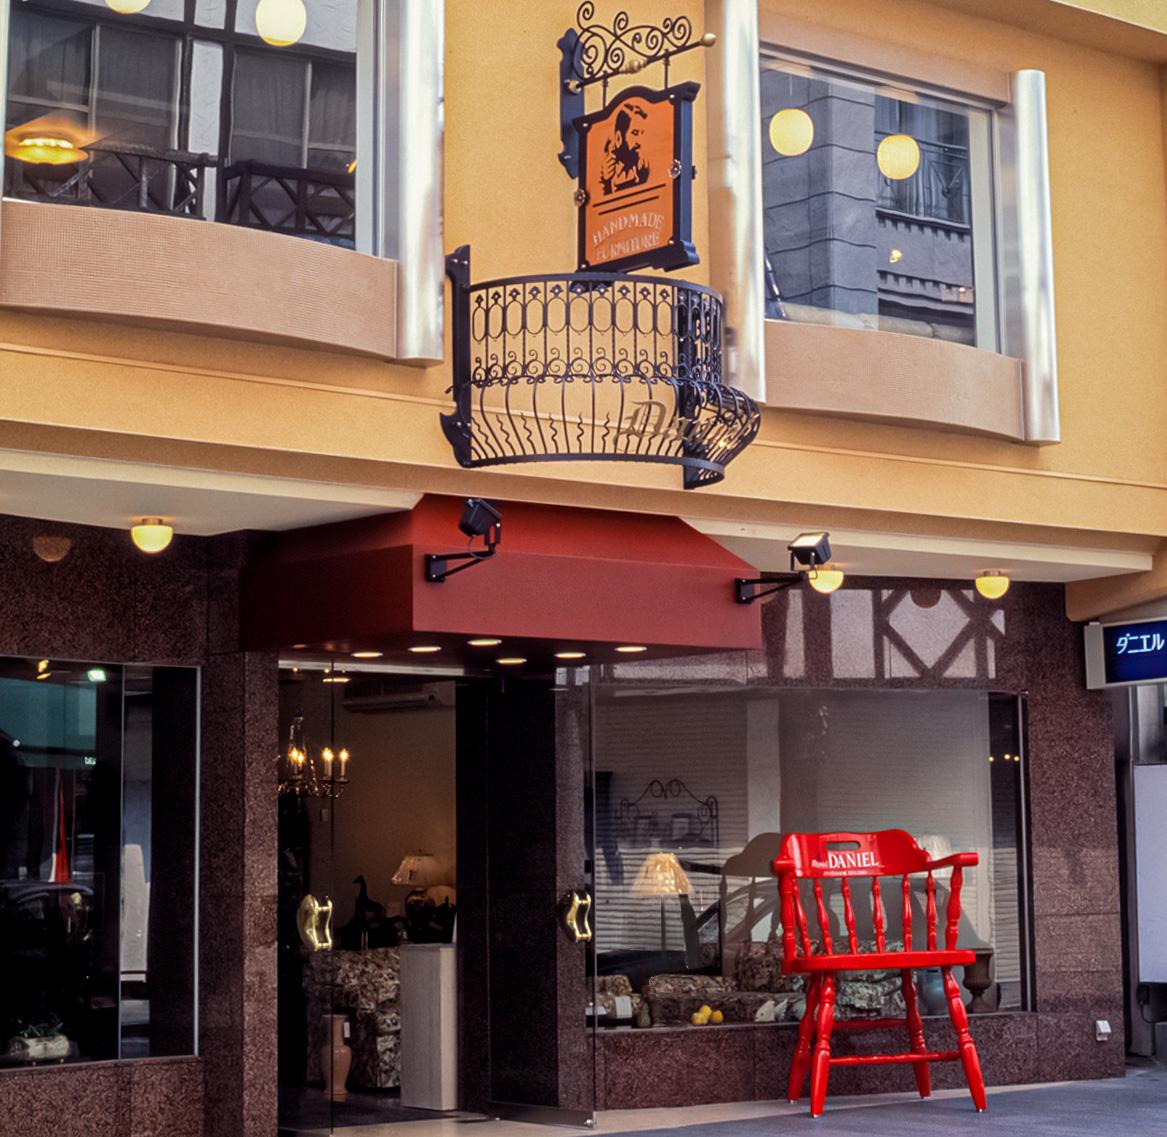 西洋文化息づく横浜で、クラシック家具の伝統を継承し続けているダニエル